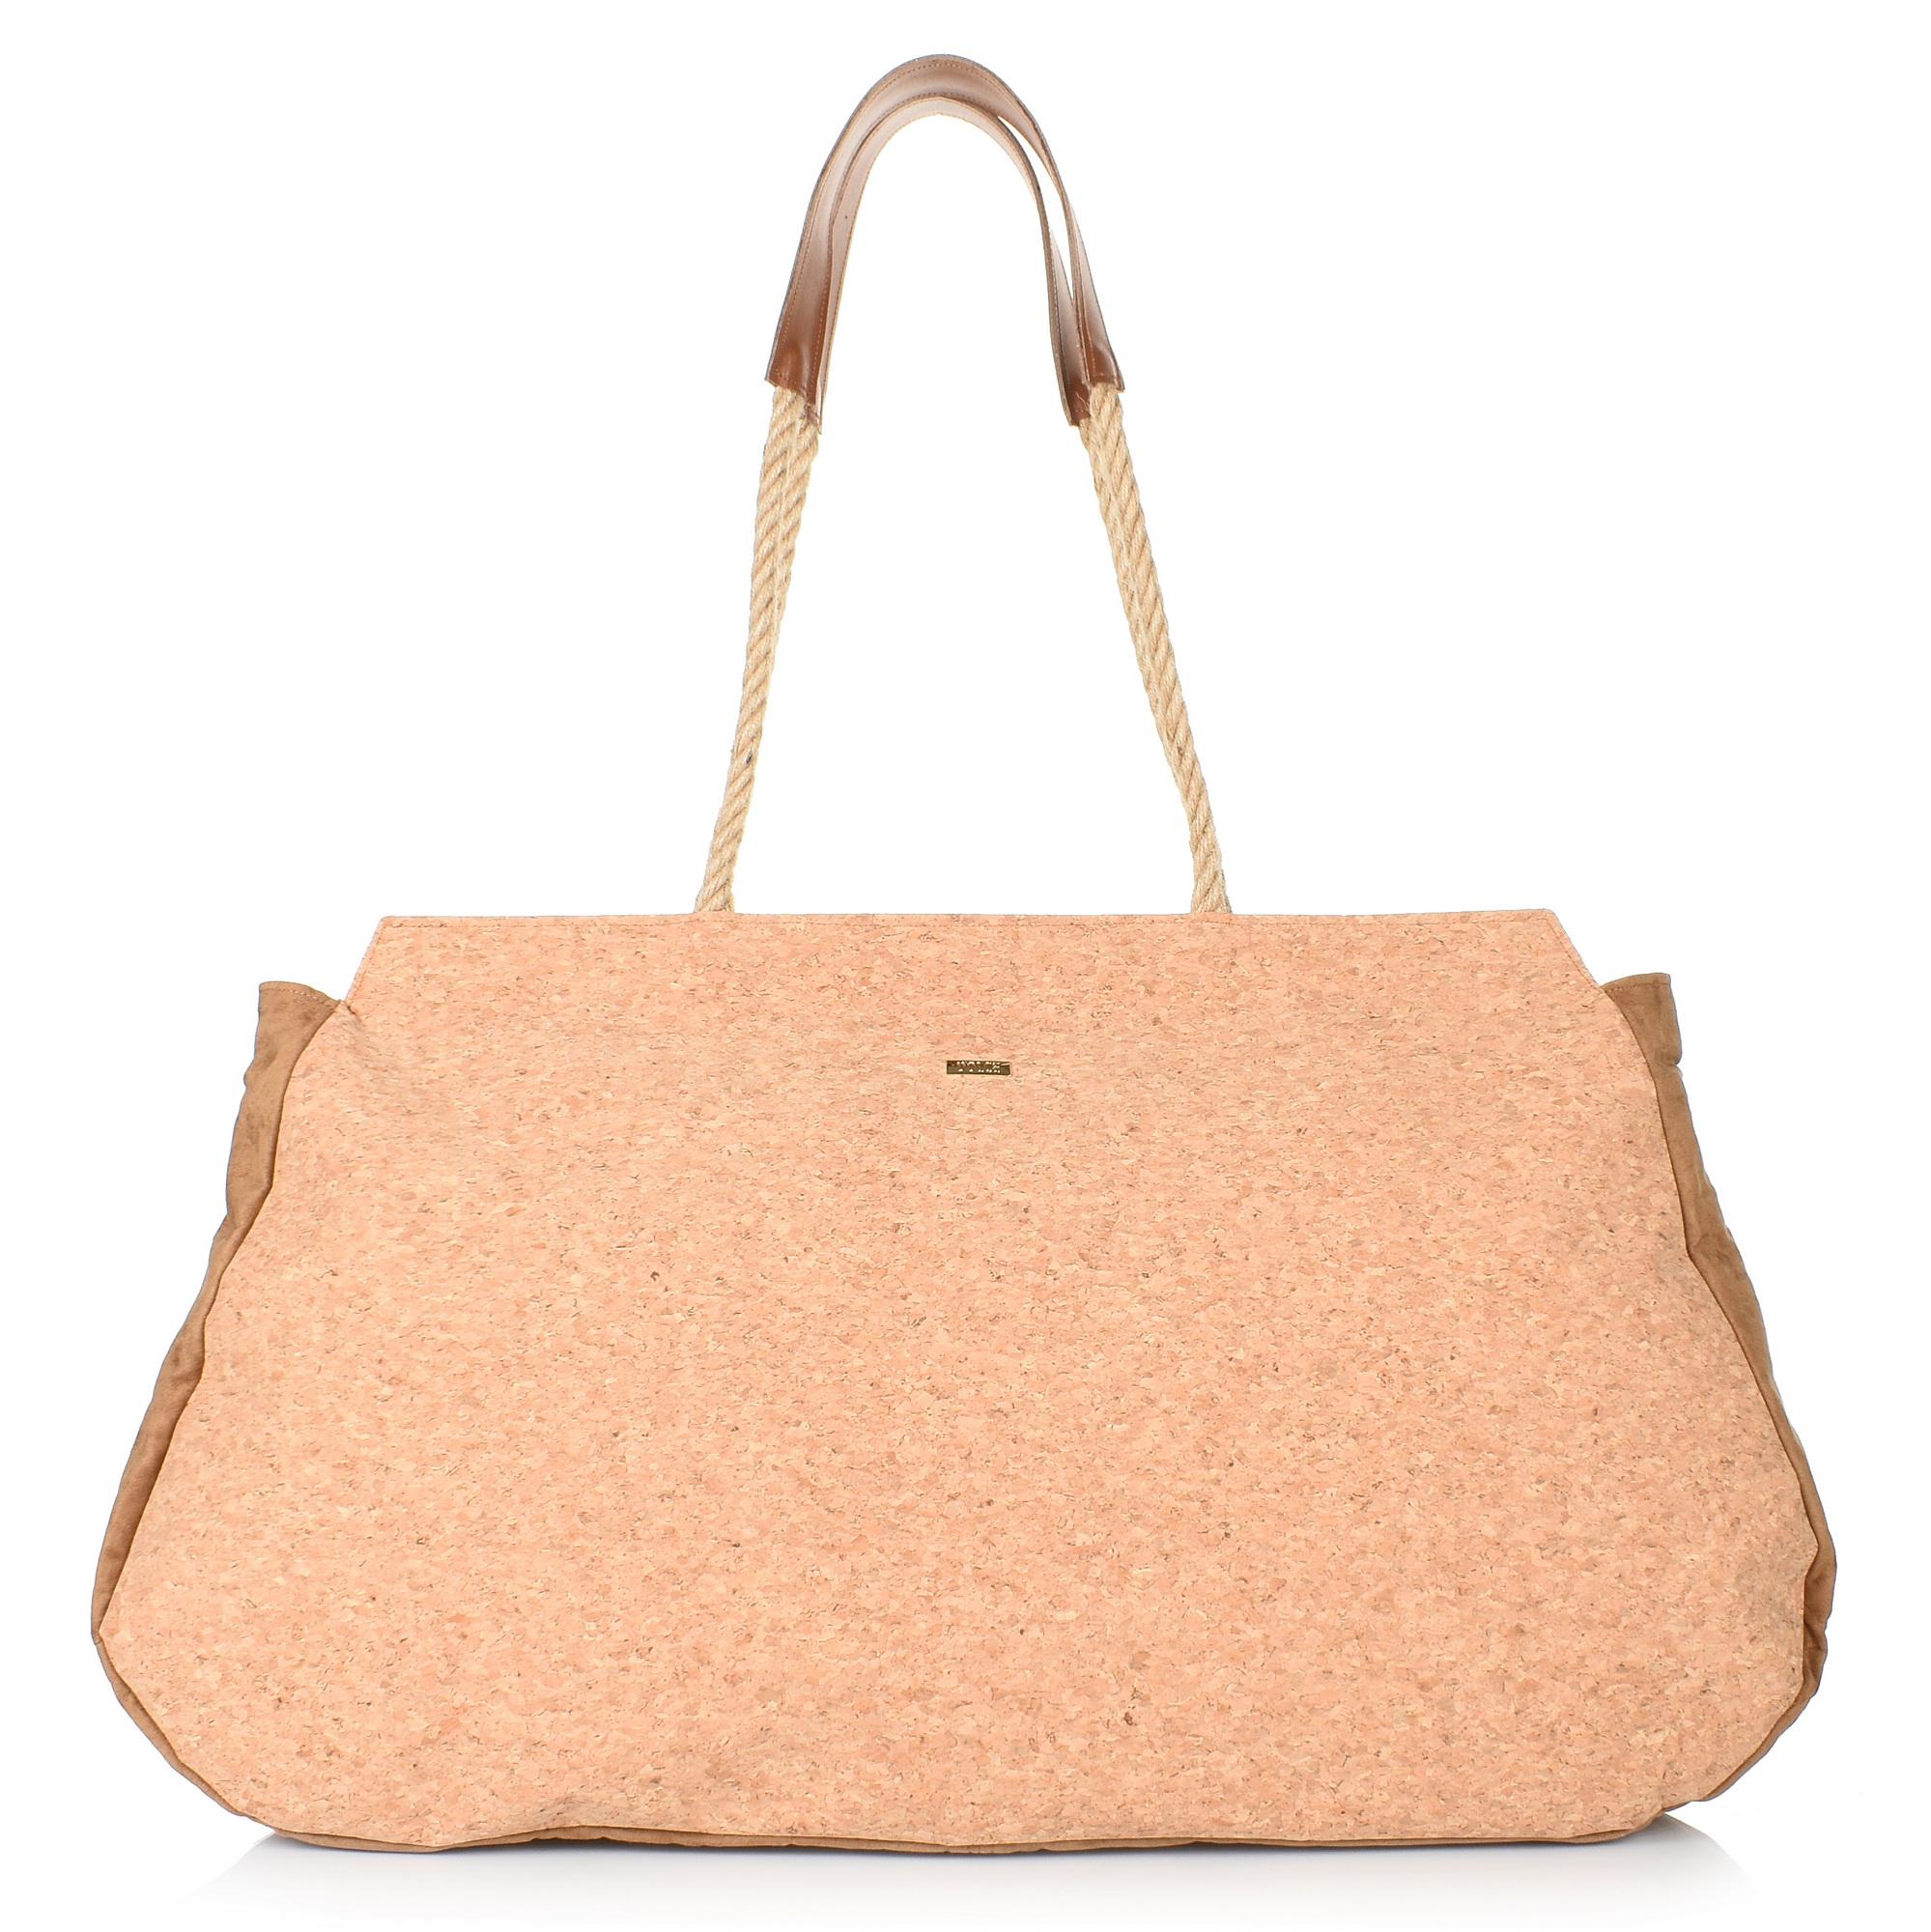 Τσάντα Θαλάσσης Dolce Bag Leather and Synthetic Fabric 19OM10